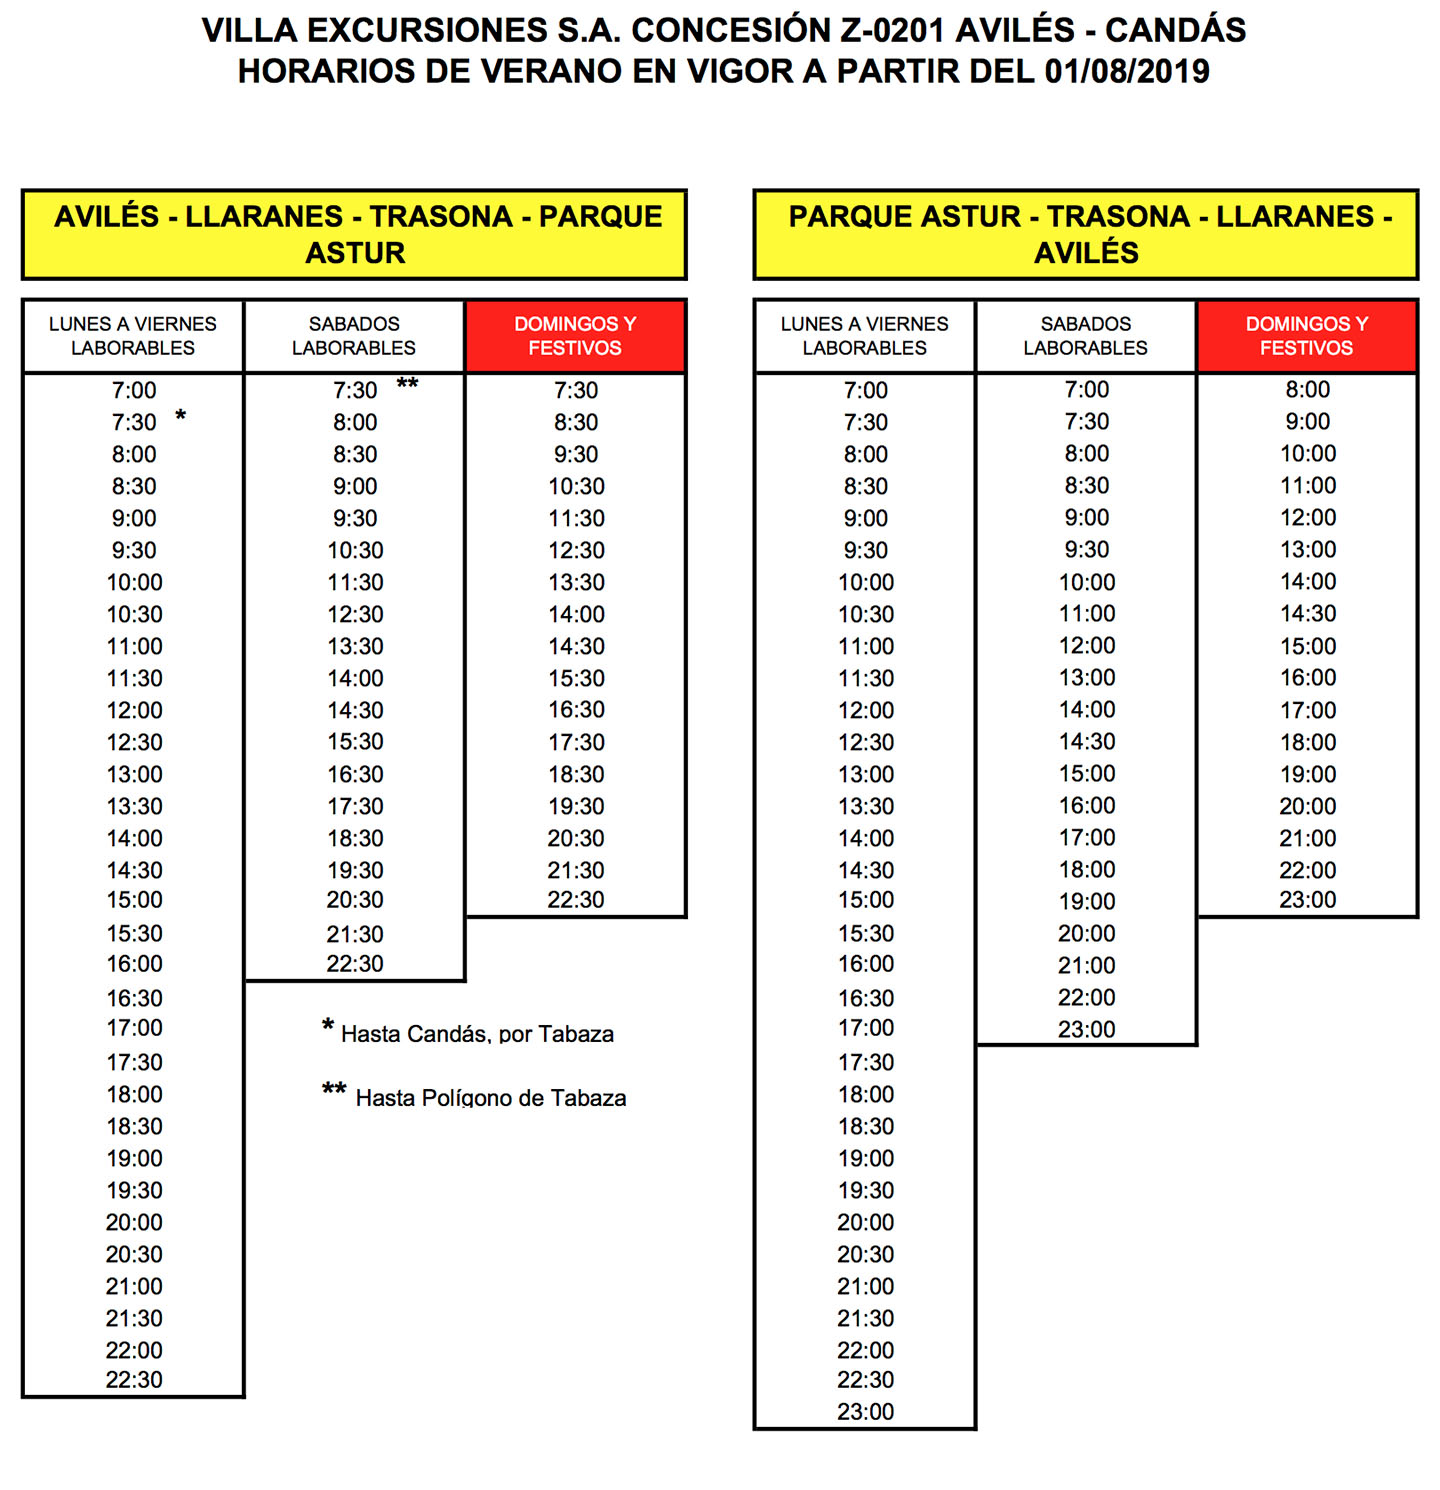 NUEVOS CUADROS HORARIOS DE VERANO aviles-llaranes-trasona-parqueastur Z0201 01 08 2019 VR260719